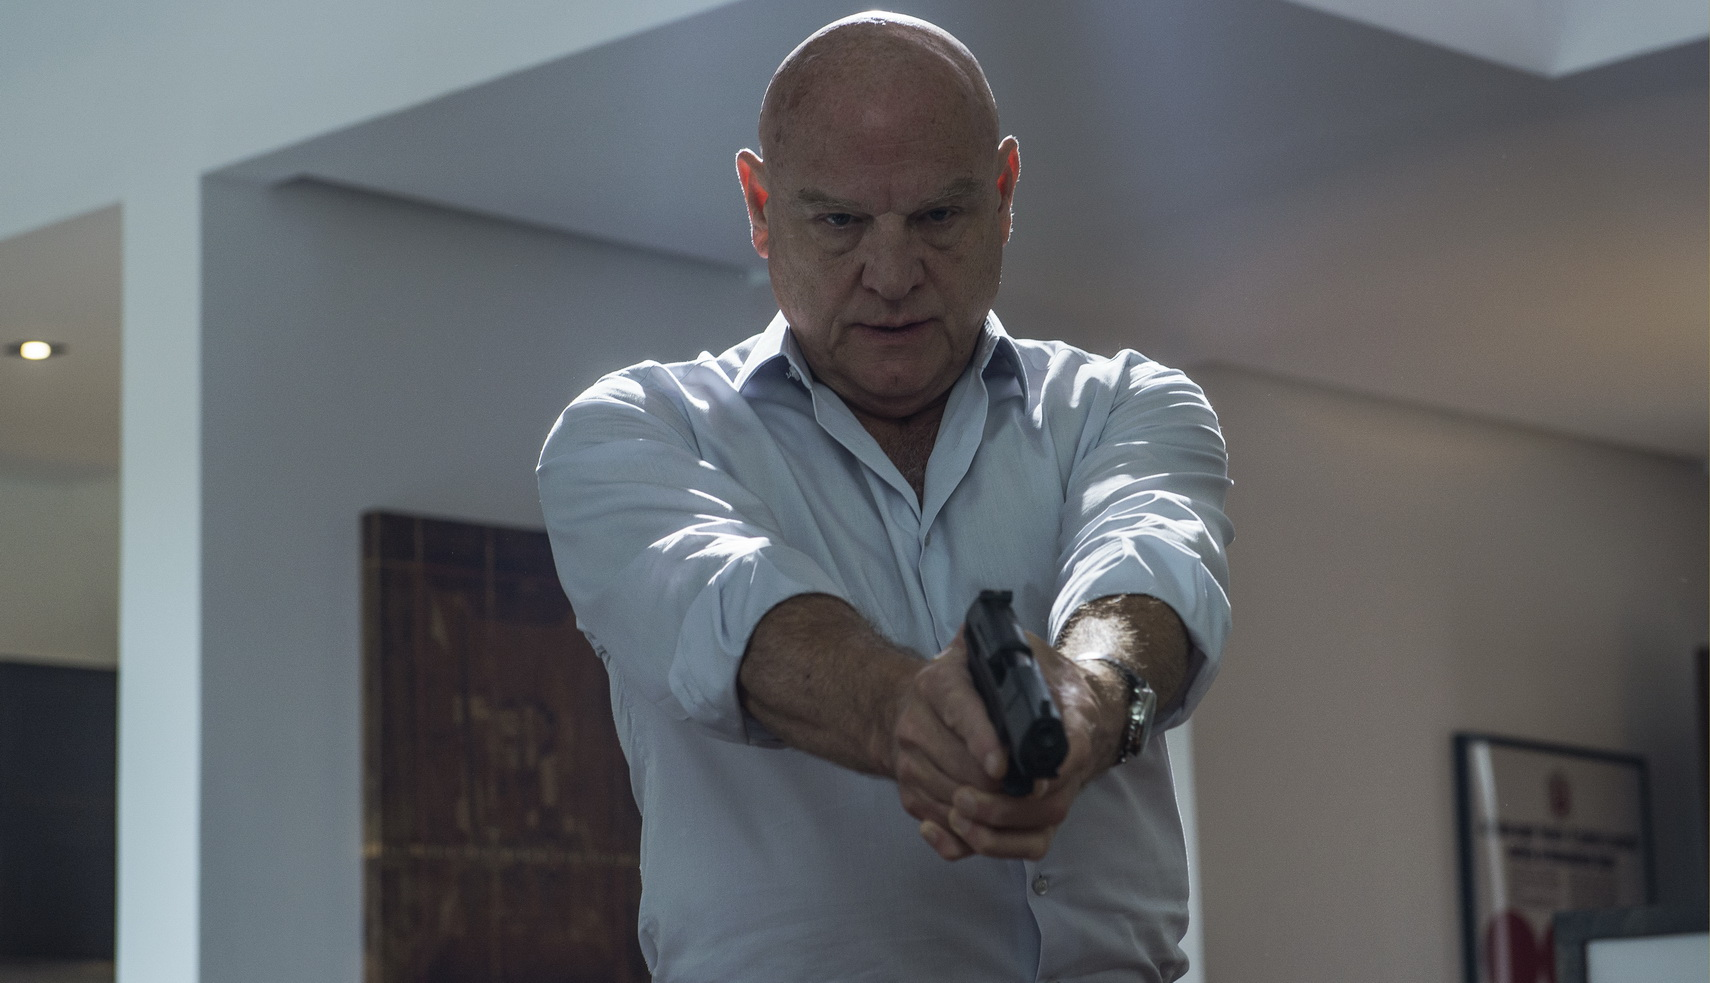 Hanley with a gun.jpg